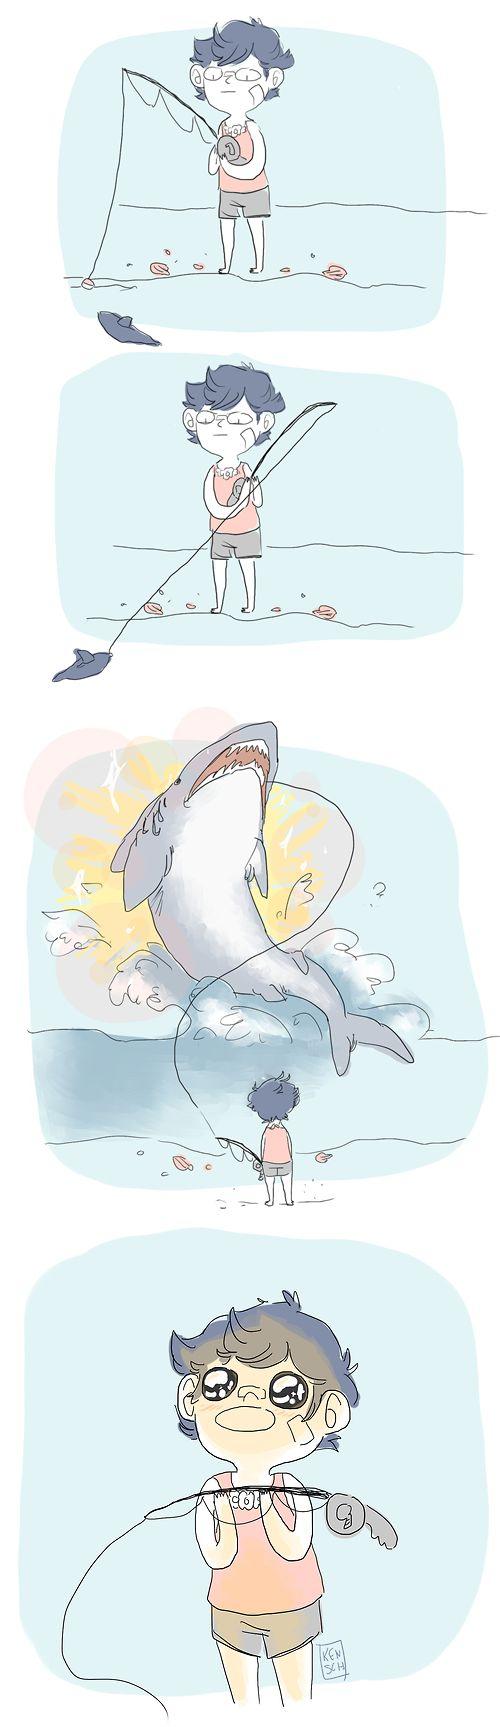 I've never caught a shark